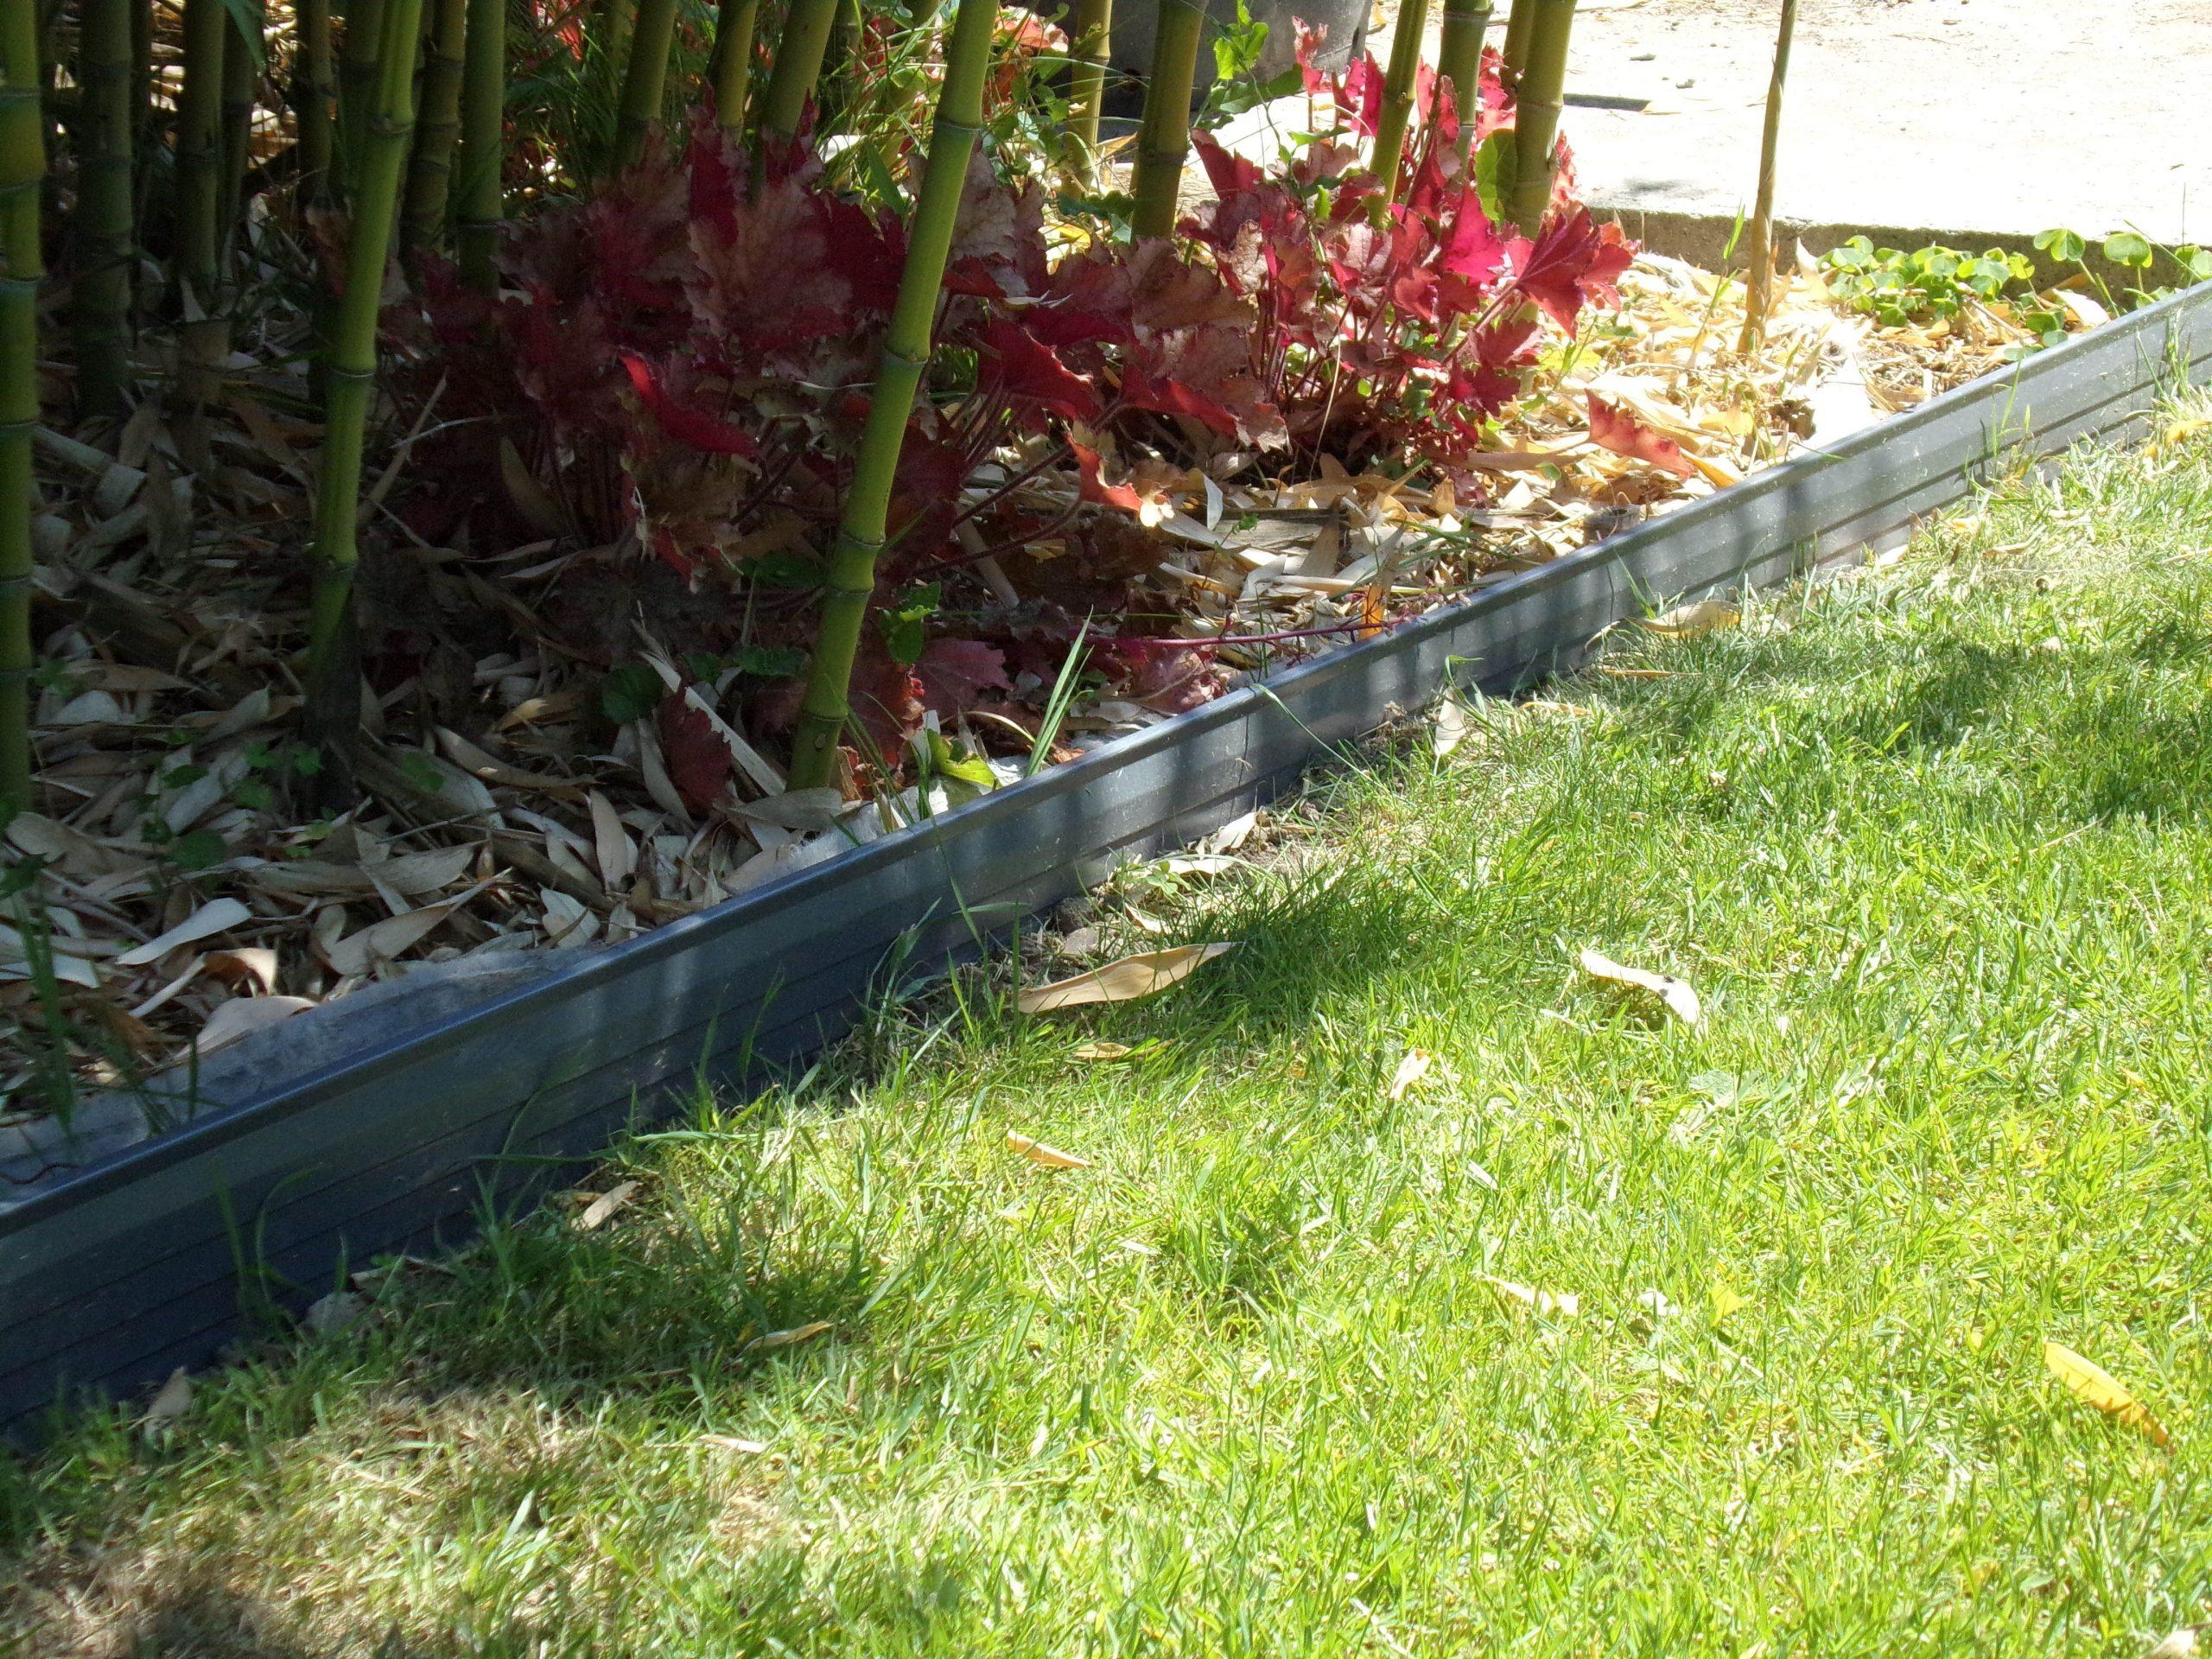 Bordure En Aluminium Laqué Avec Led Intégré De Chez Apanages ... dedans Bordure Jardin Acier Corten